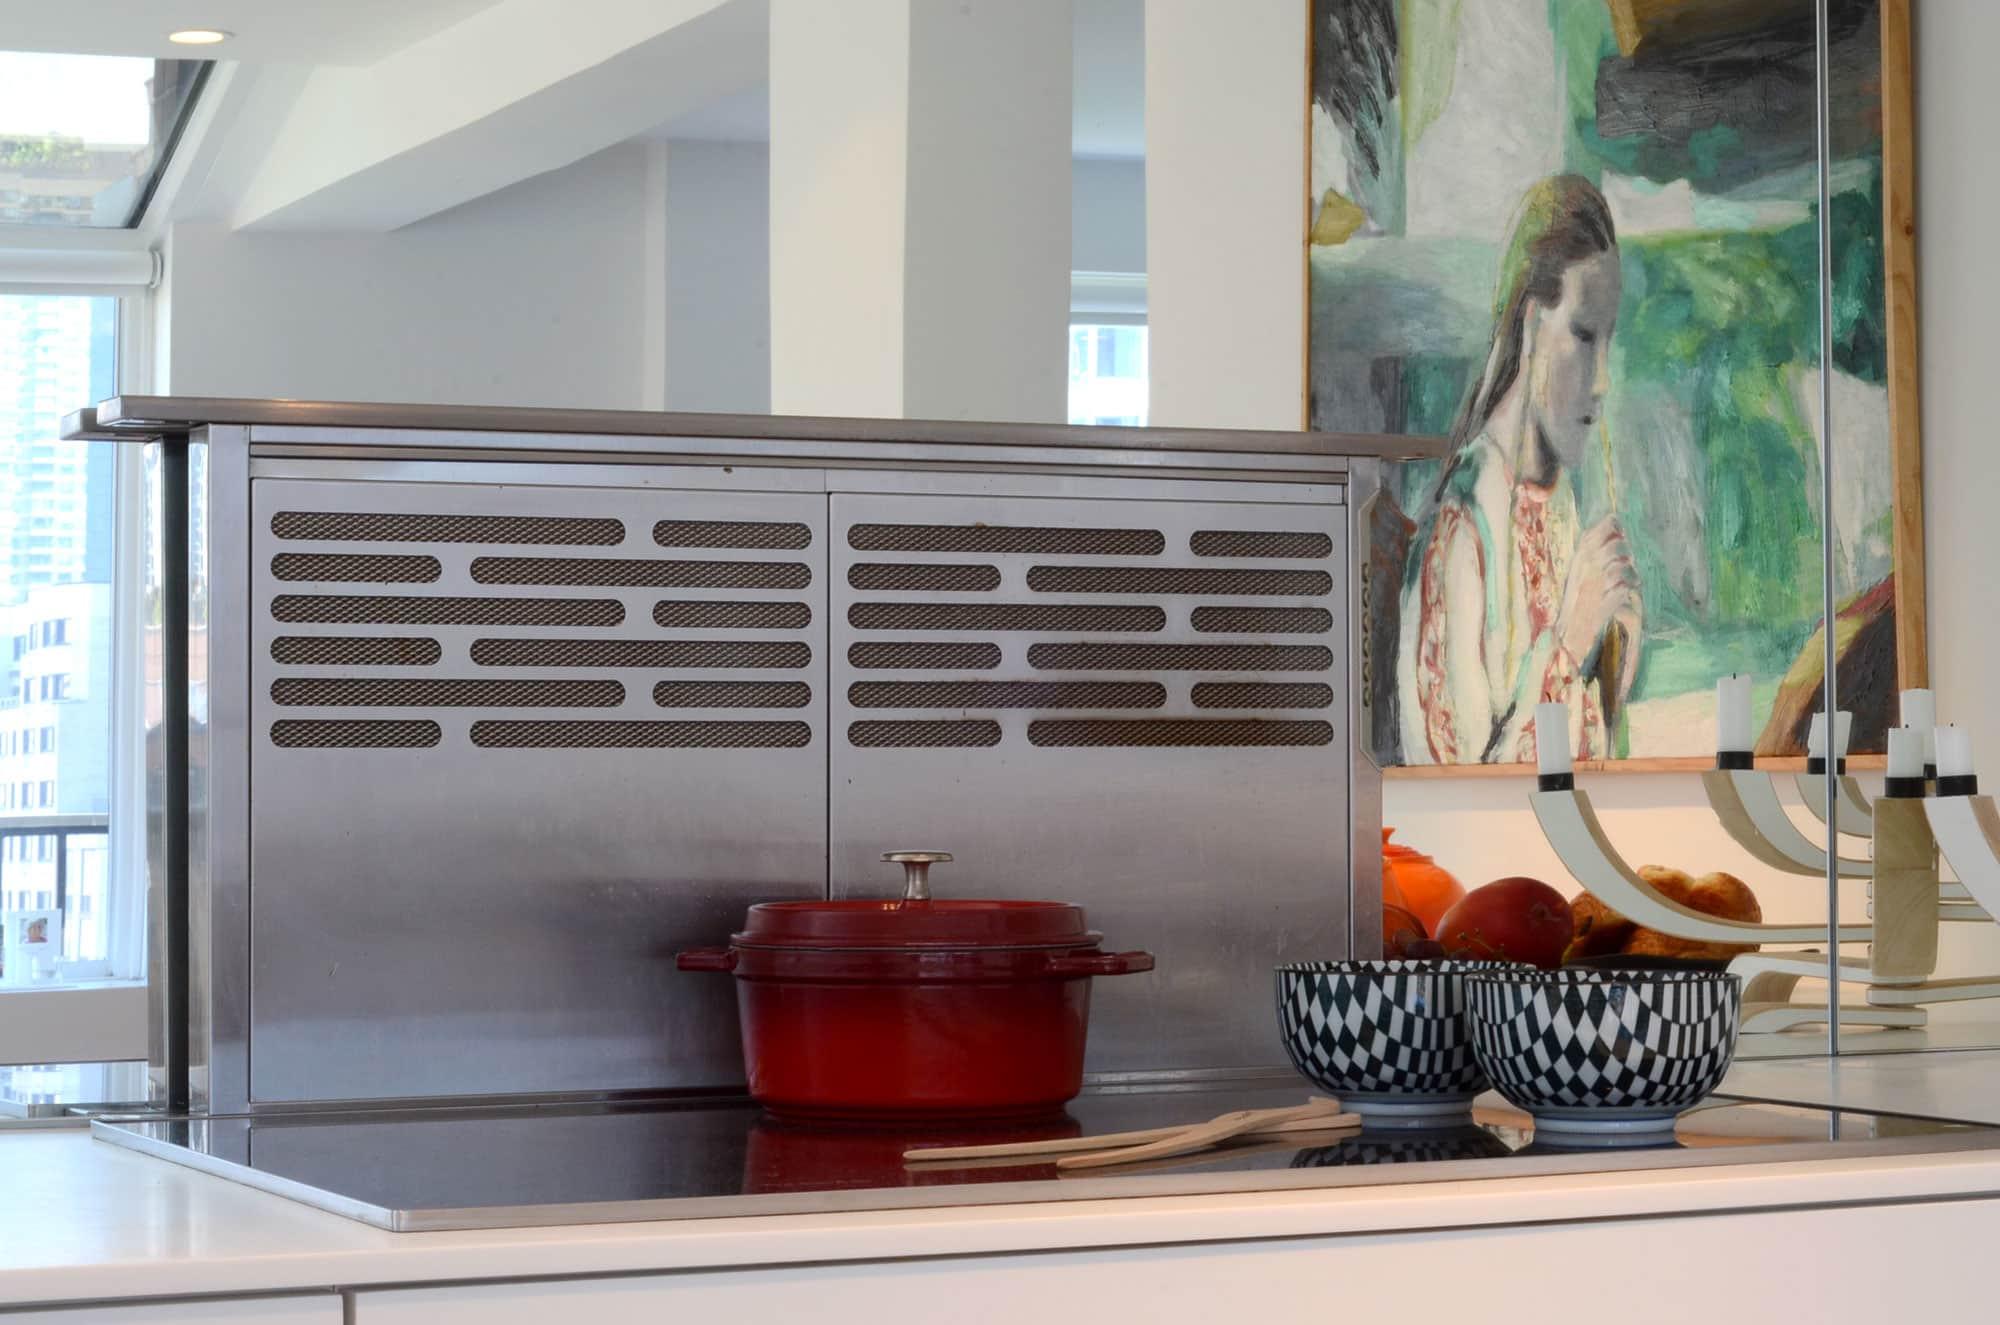 Cecilia's Sleek High-Design Kitchen: gallery image 5